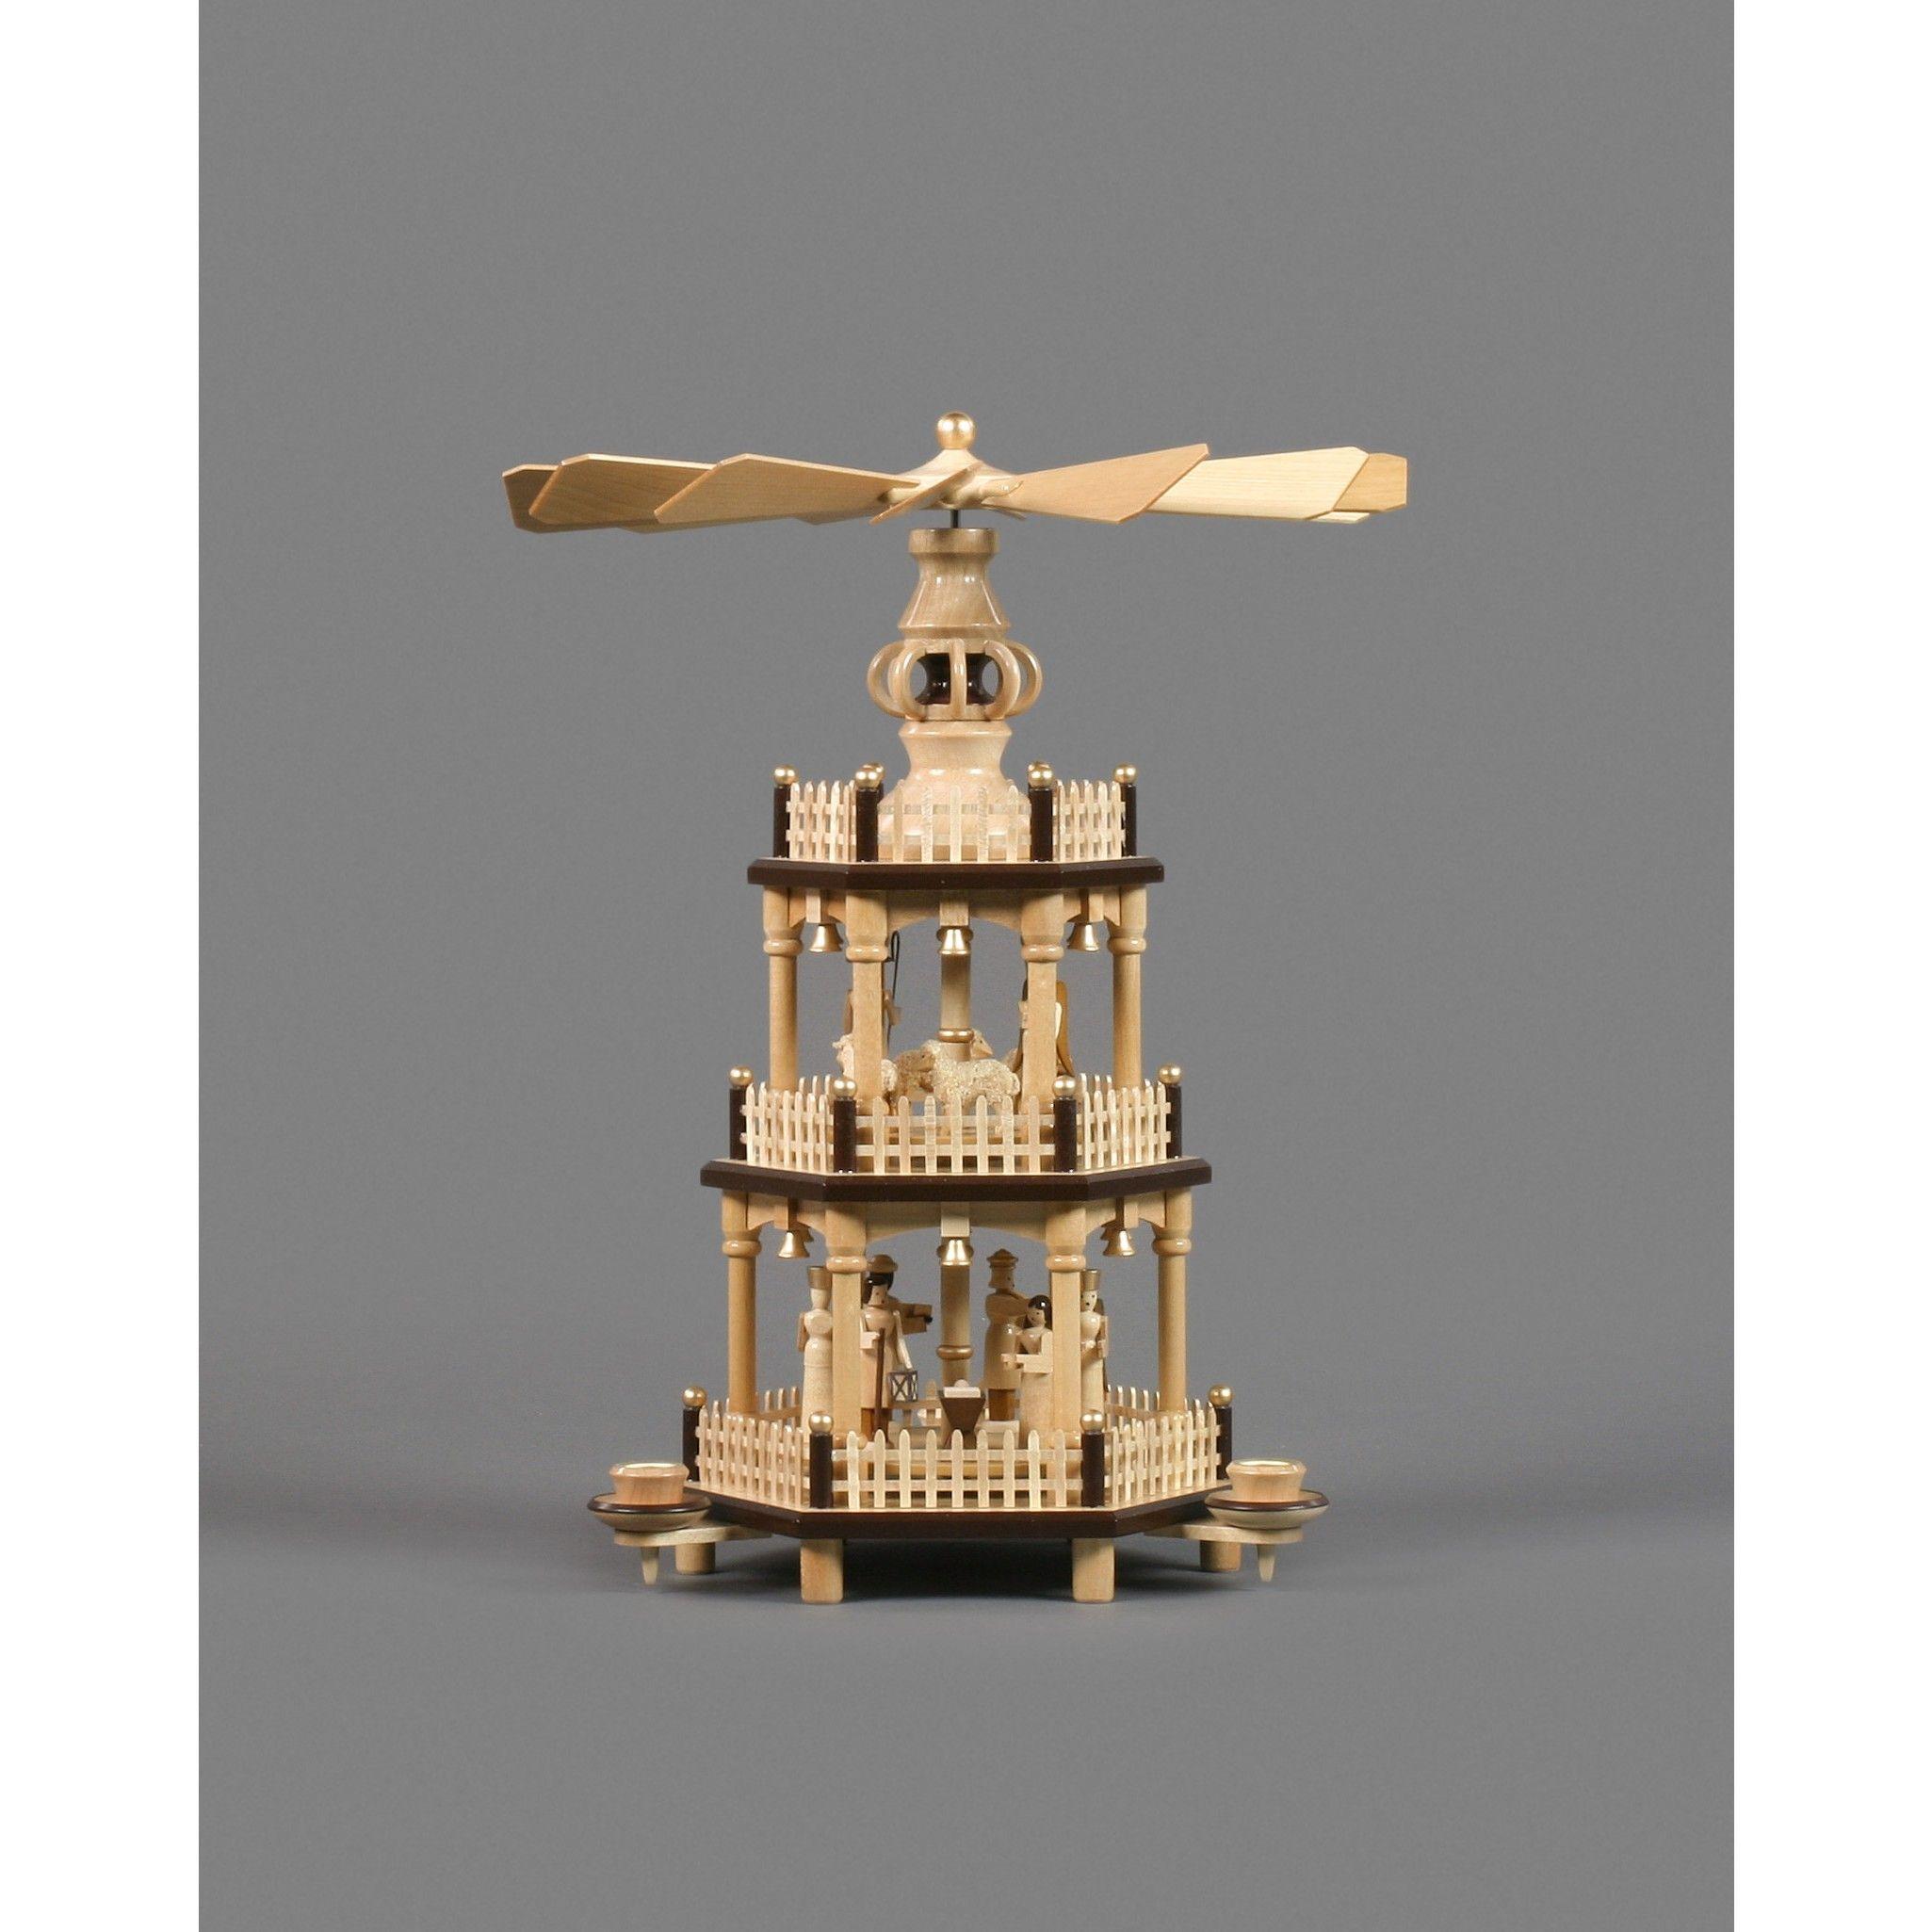 furniture decorations es piramide de navidad dregeno nativity 3 tier german pyramid kit christmas pyramid design ideasjpg 20512051 - German Christmas Pyramid Kit